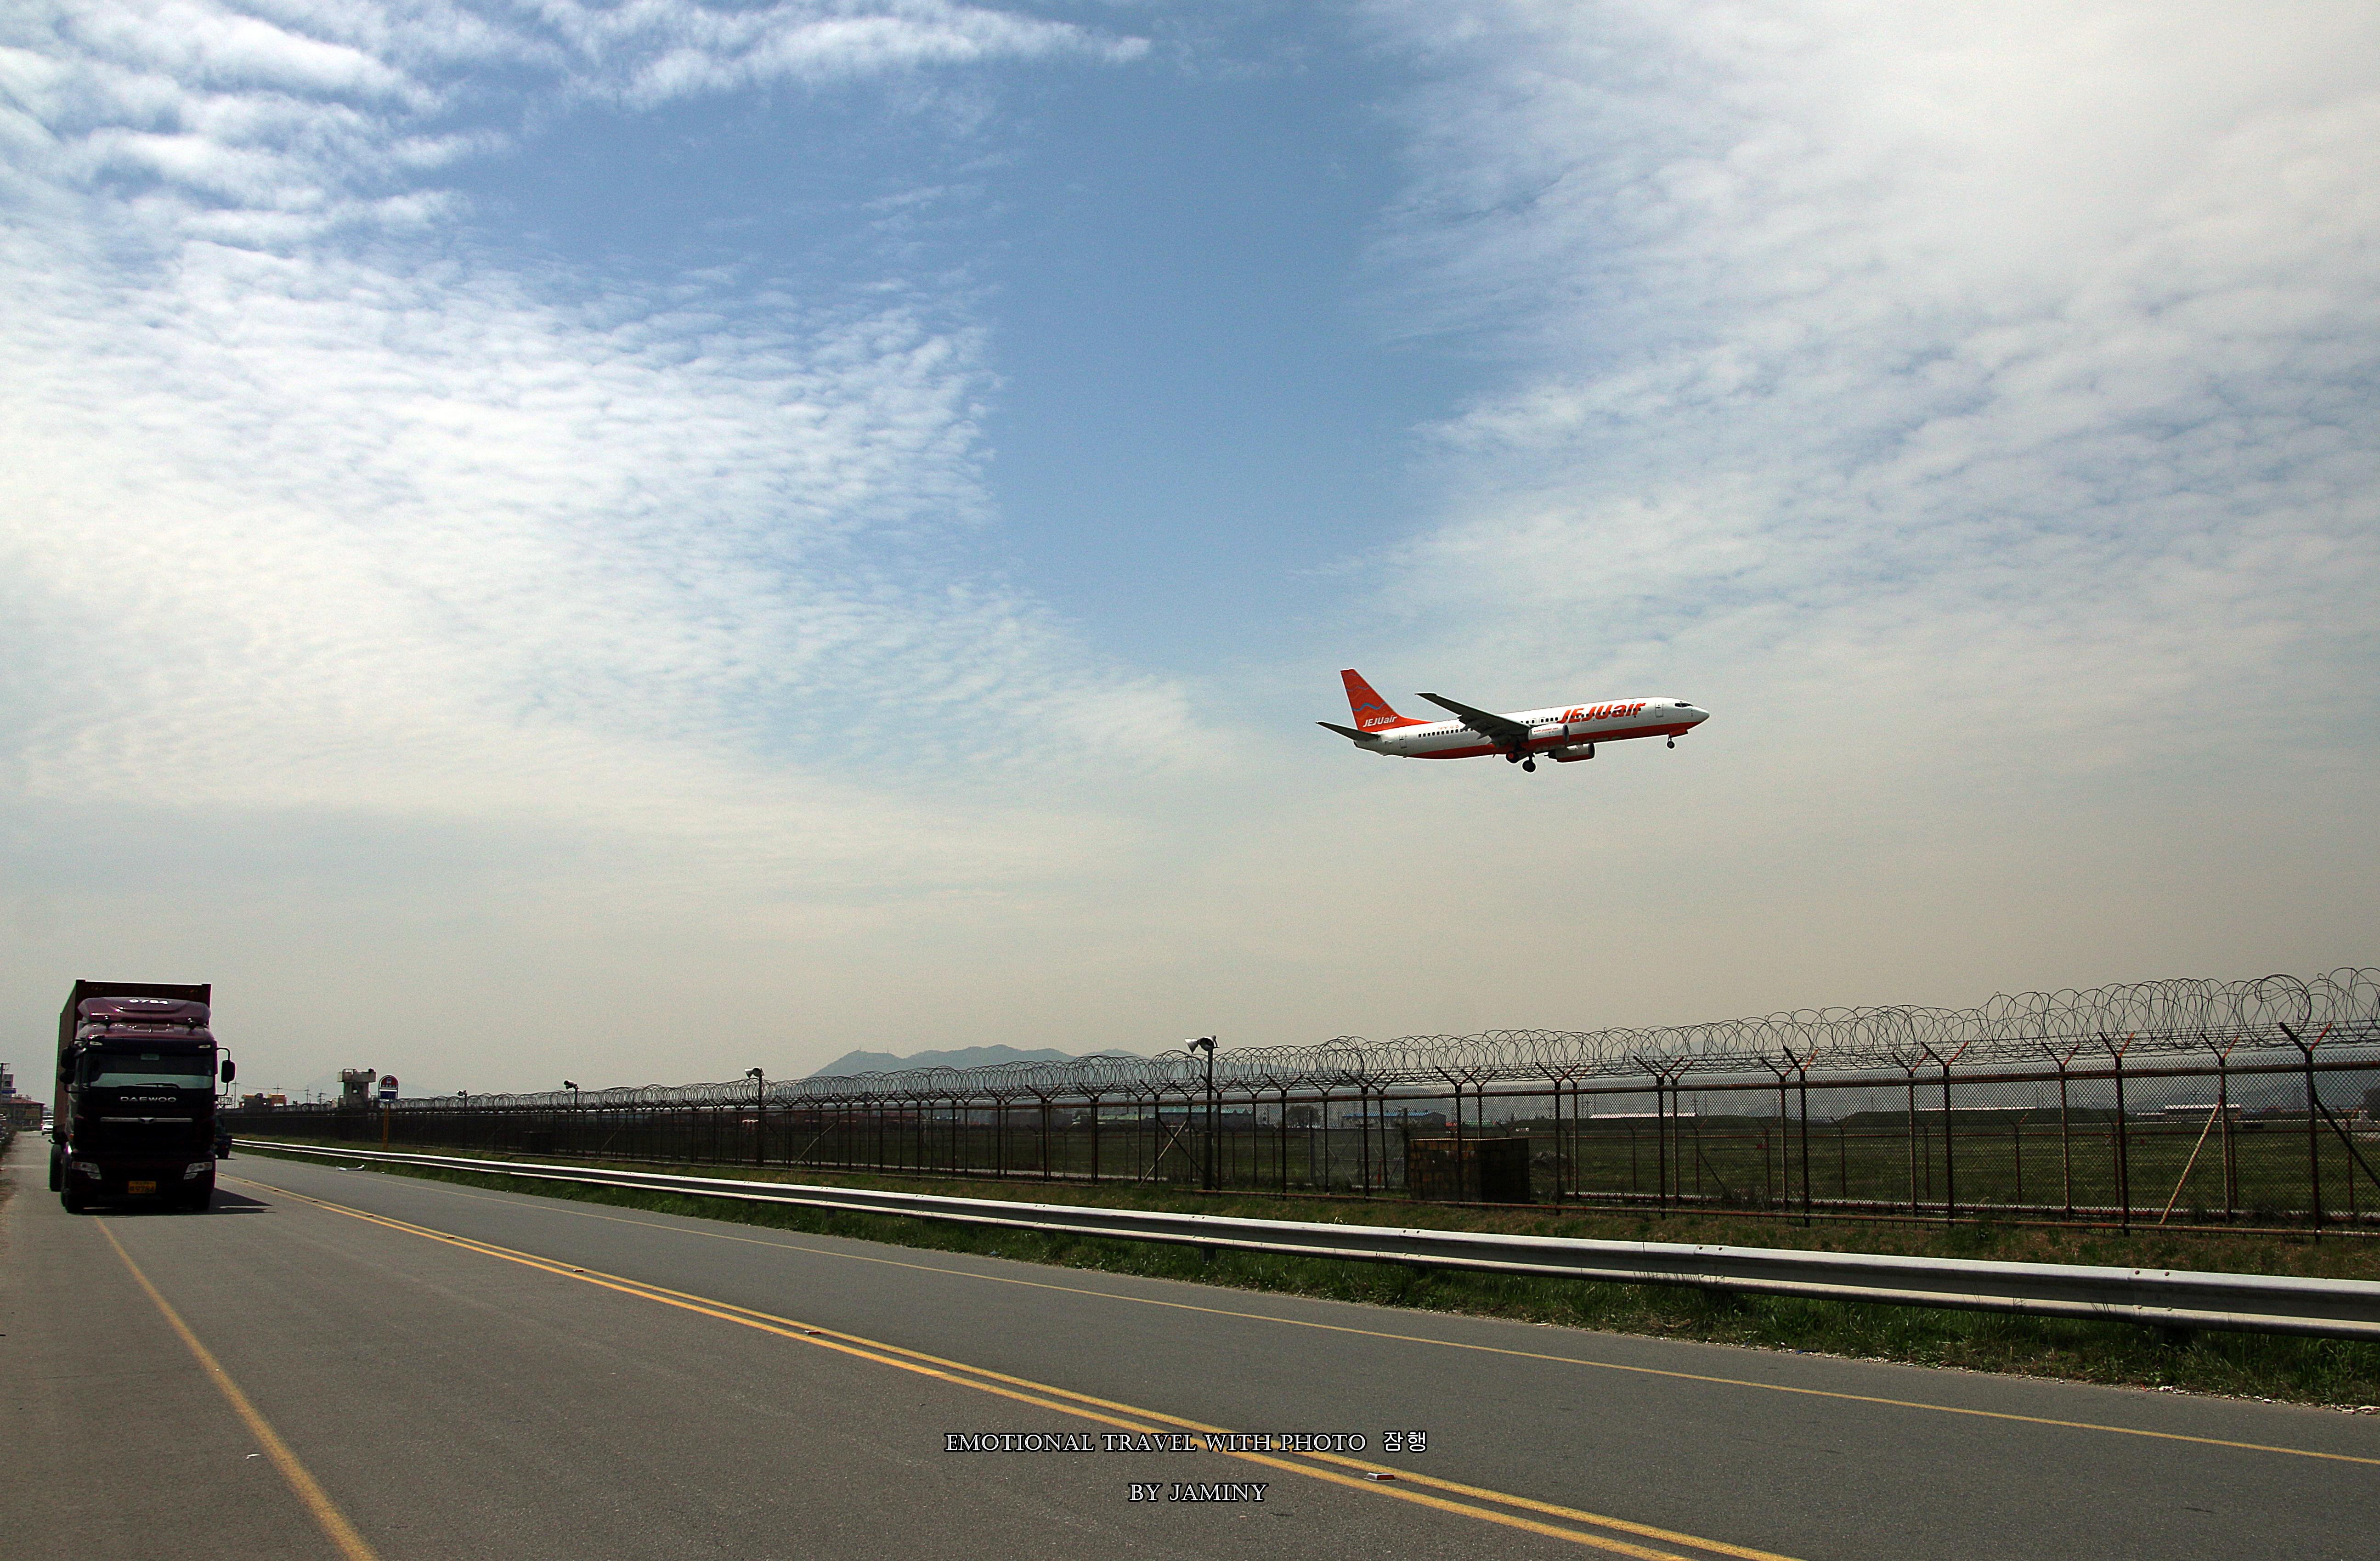 부산의 관문 김해공항에서 만나는 색다른 풍경